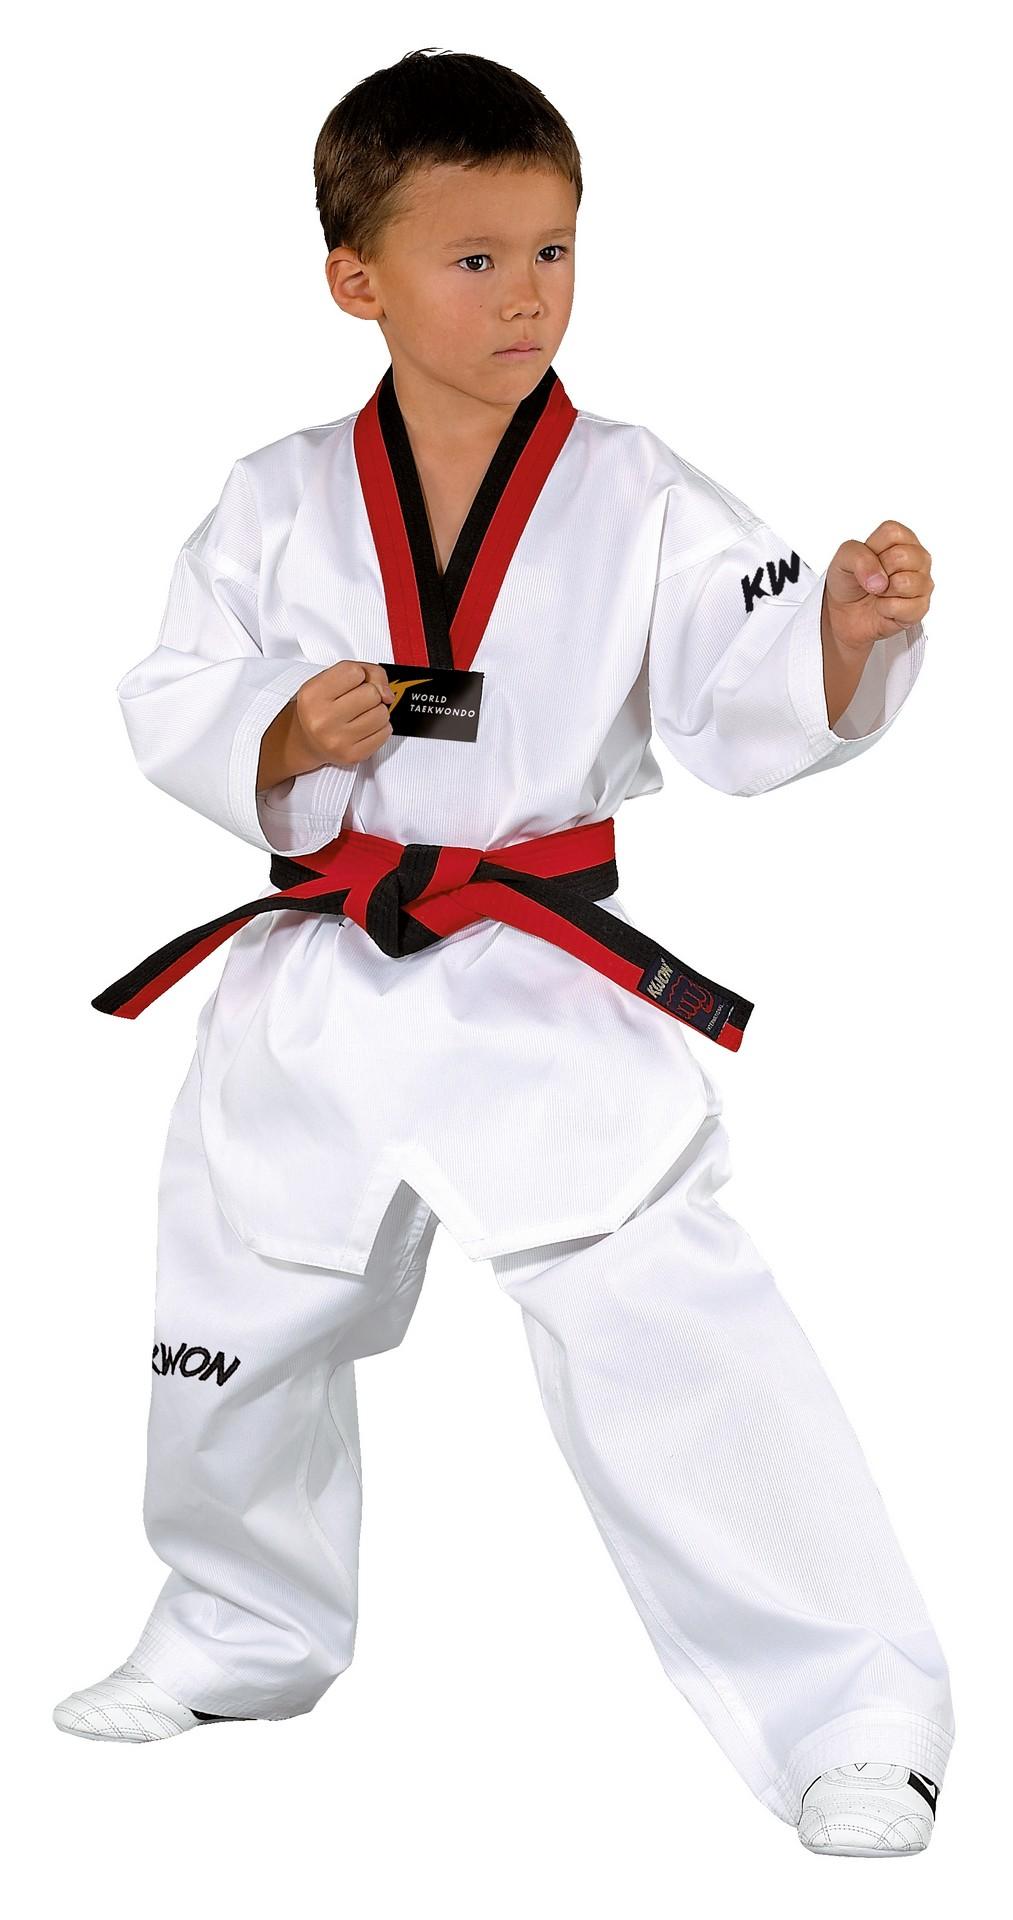 Dobok Taekwondo Kwon Victory poom